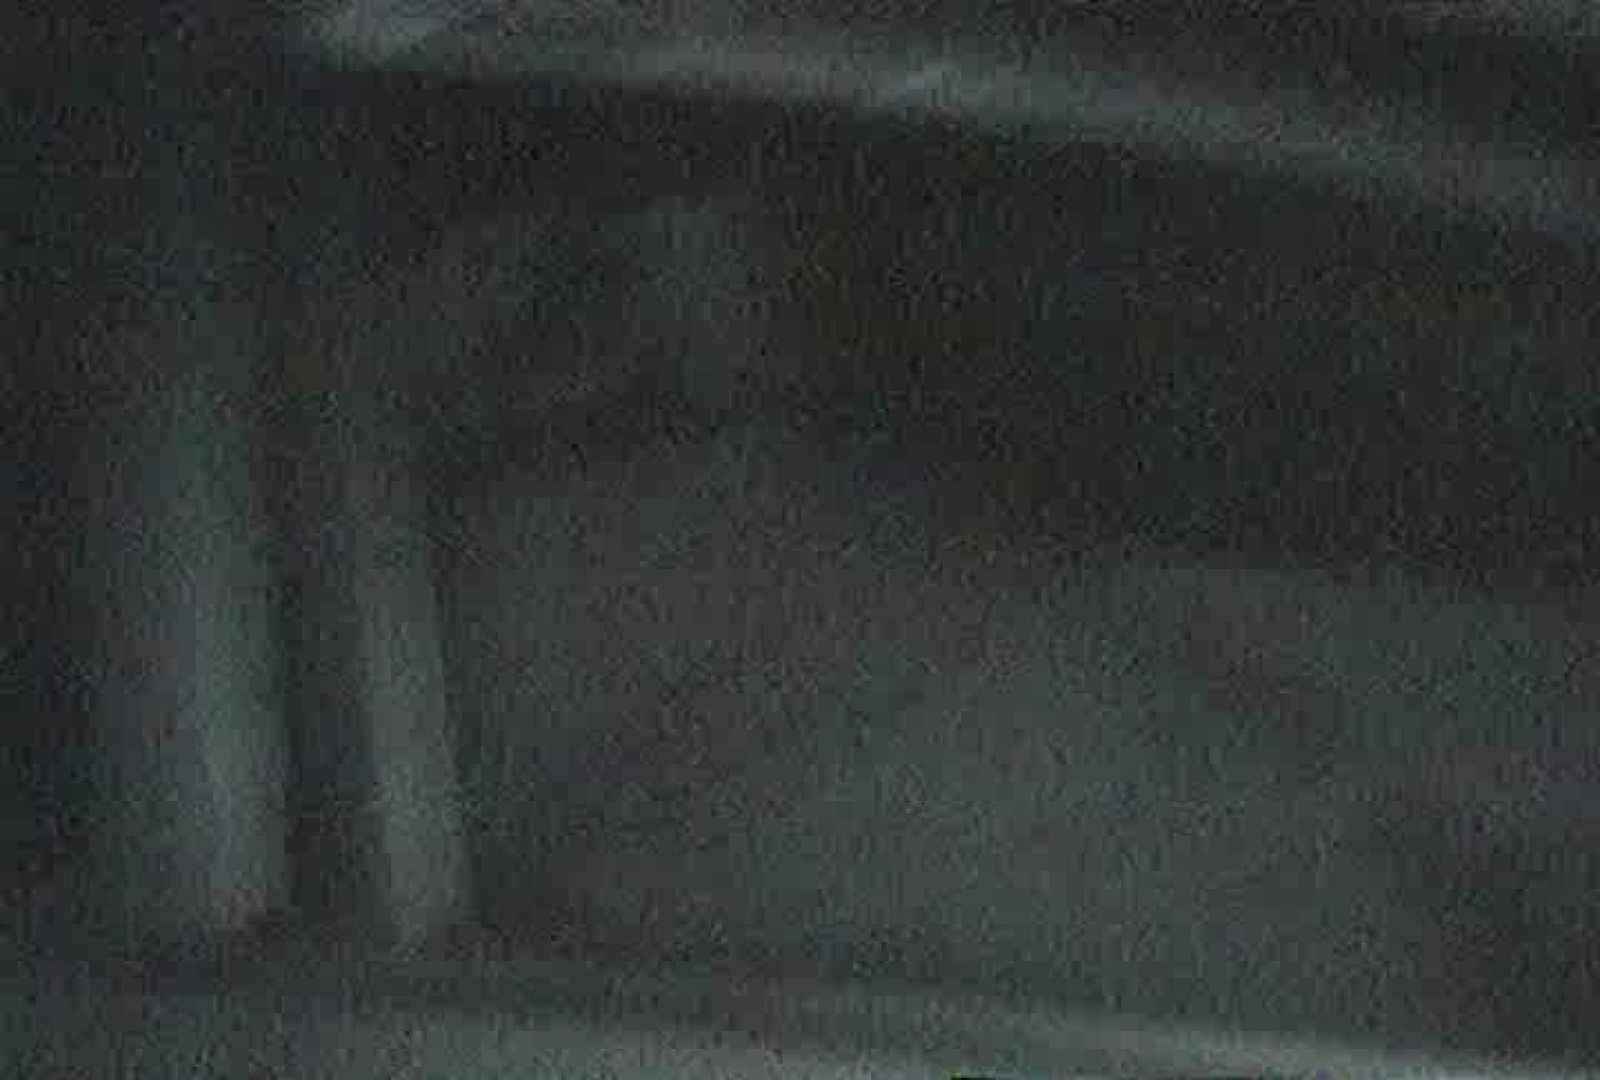 充血監督の深夜の運動会Vol.69 OLの実態 盗撮おめこ無修正動画無料 35pic 18